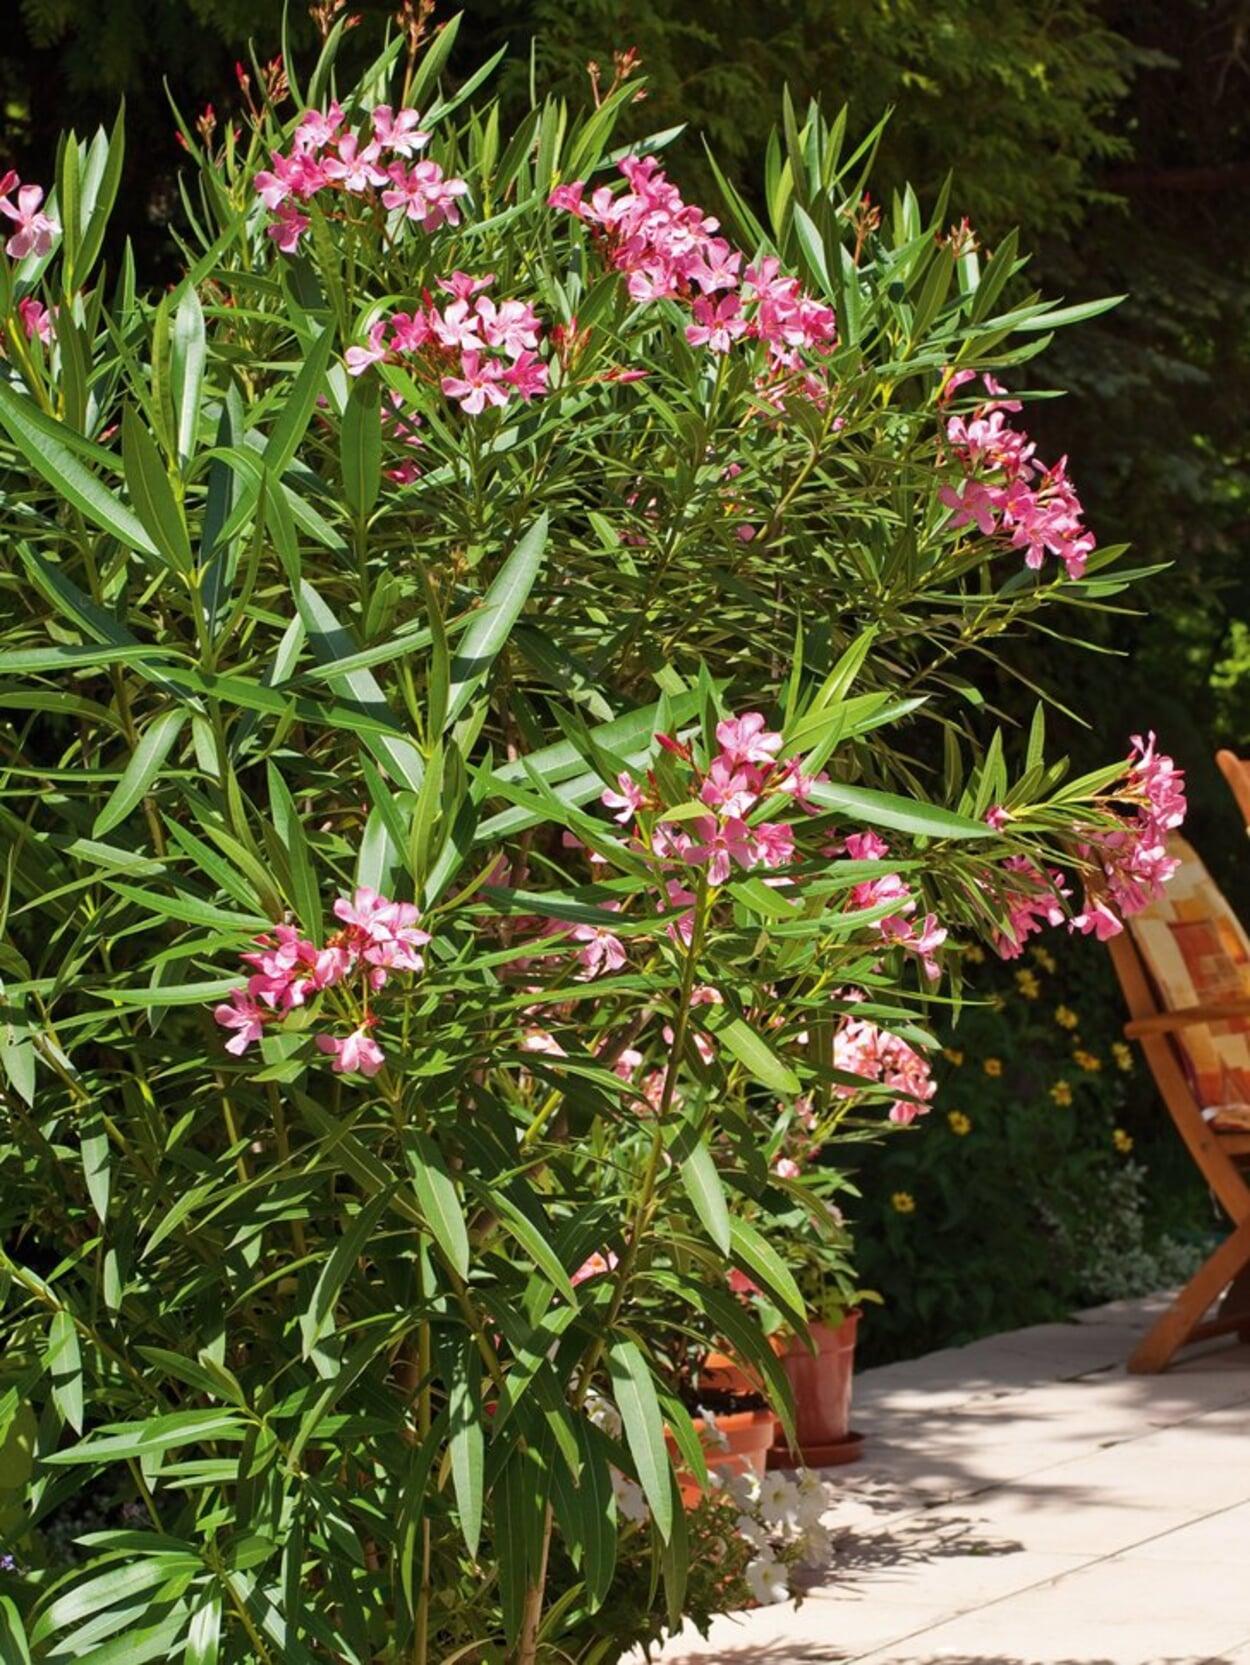 Oleander nicht schneiden, da sonst die neuen Blütenknospen entfernt werden